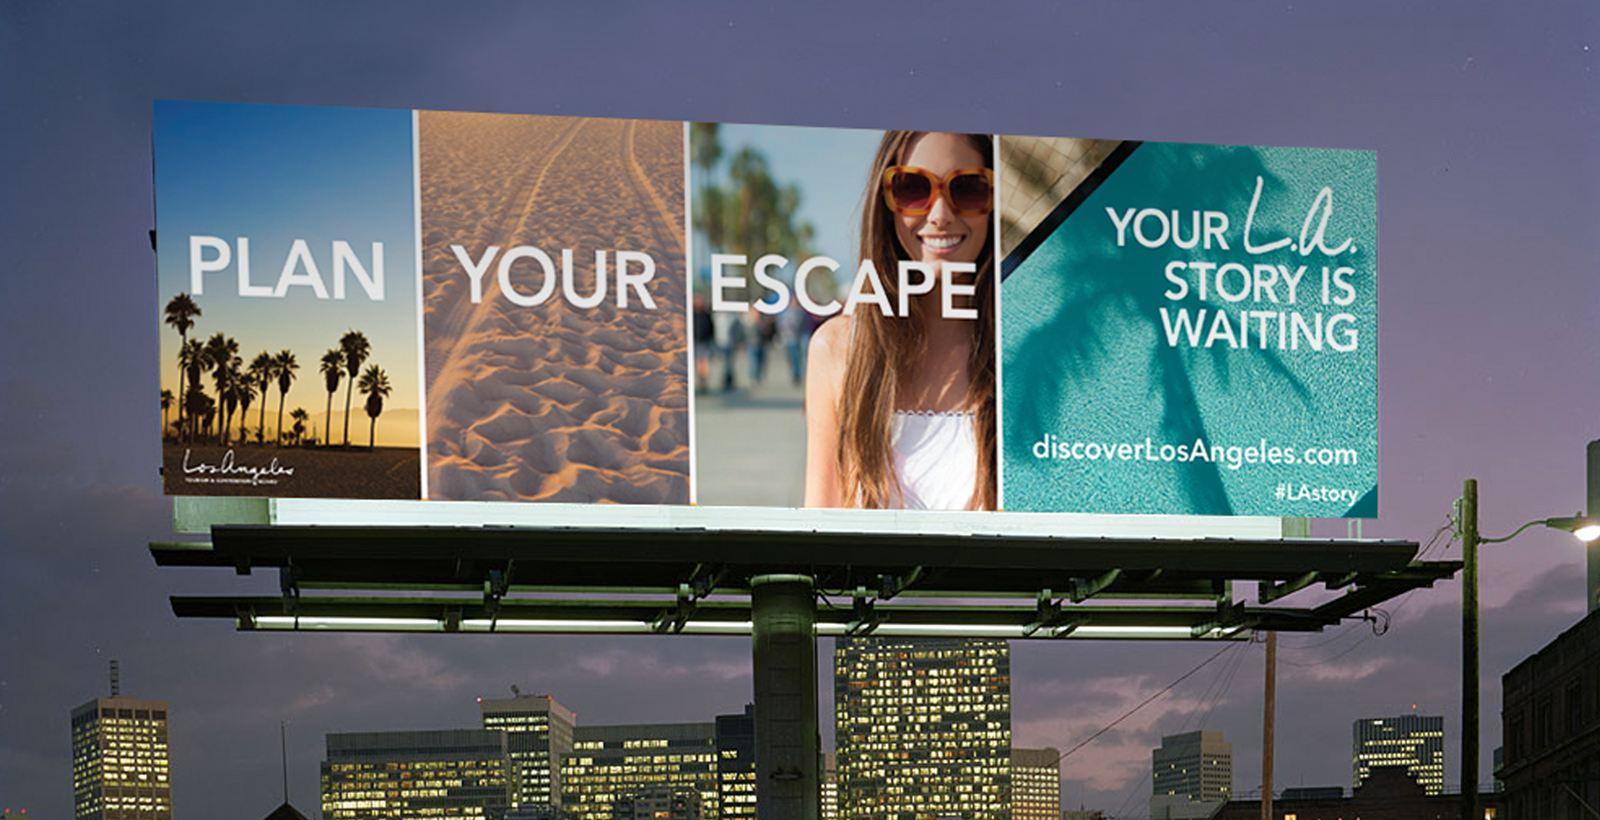 LA Tourism Billboard Ad Plan your escape your LA story is waiting